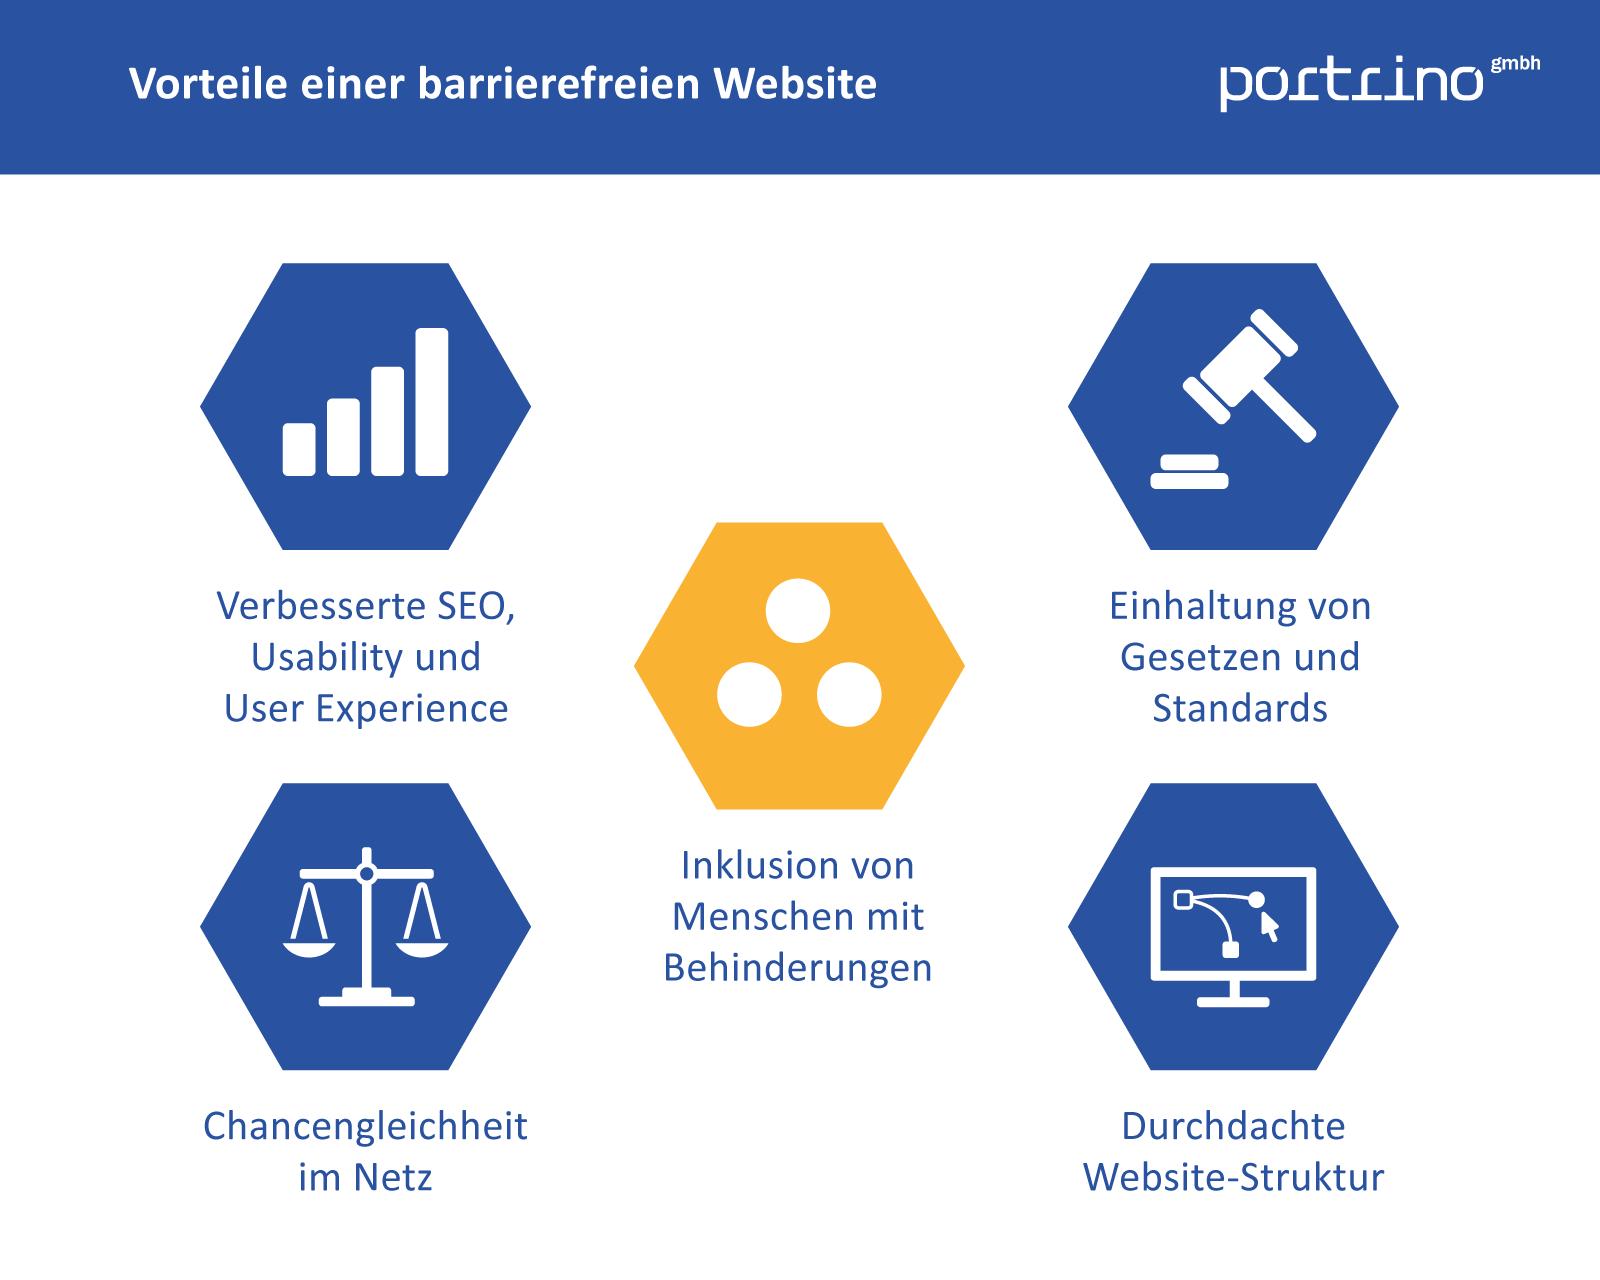 Digitale Barrierefreiheit – portrino GmbH